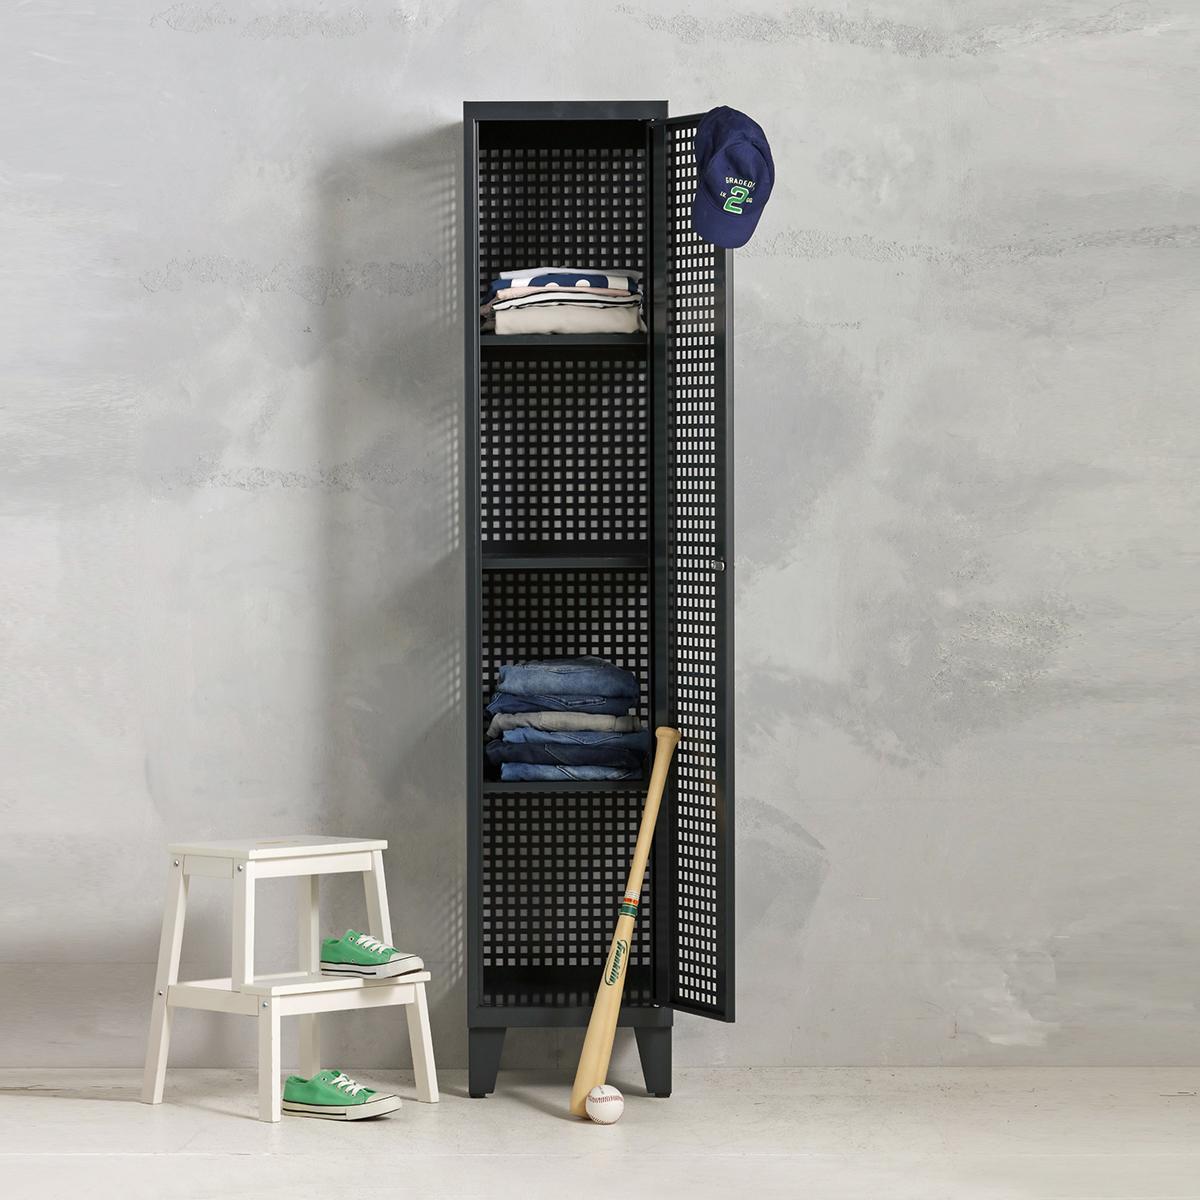 Geperforeerde lockerkast planken - antraciet - 1 deurs - 194x40x50 cm - PLS-101